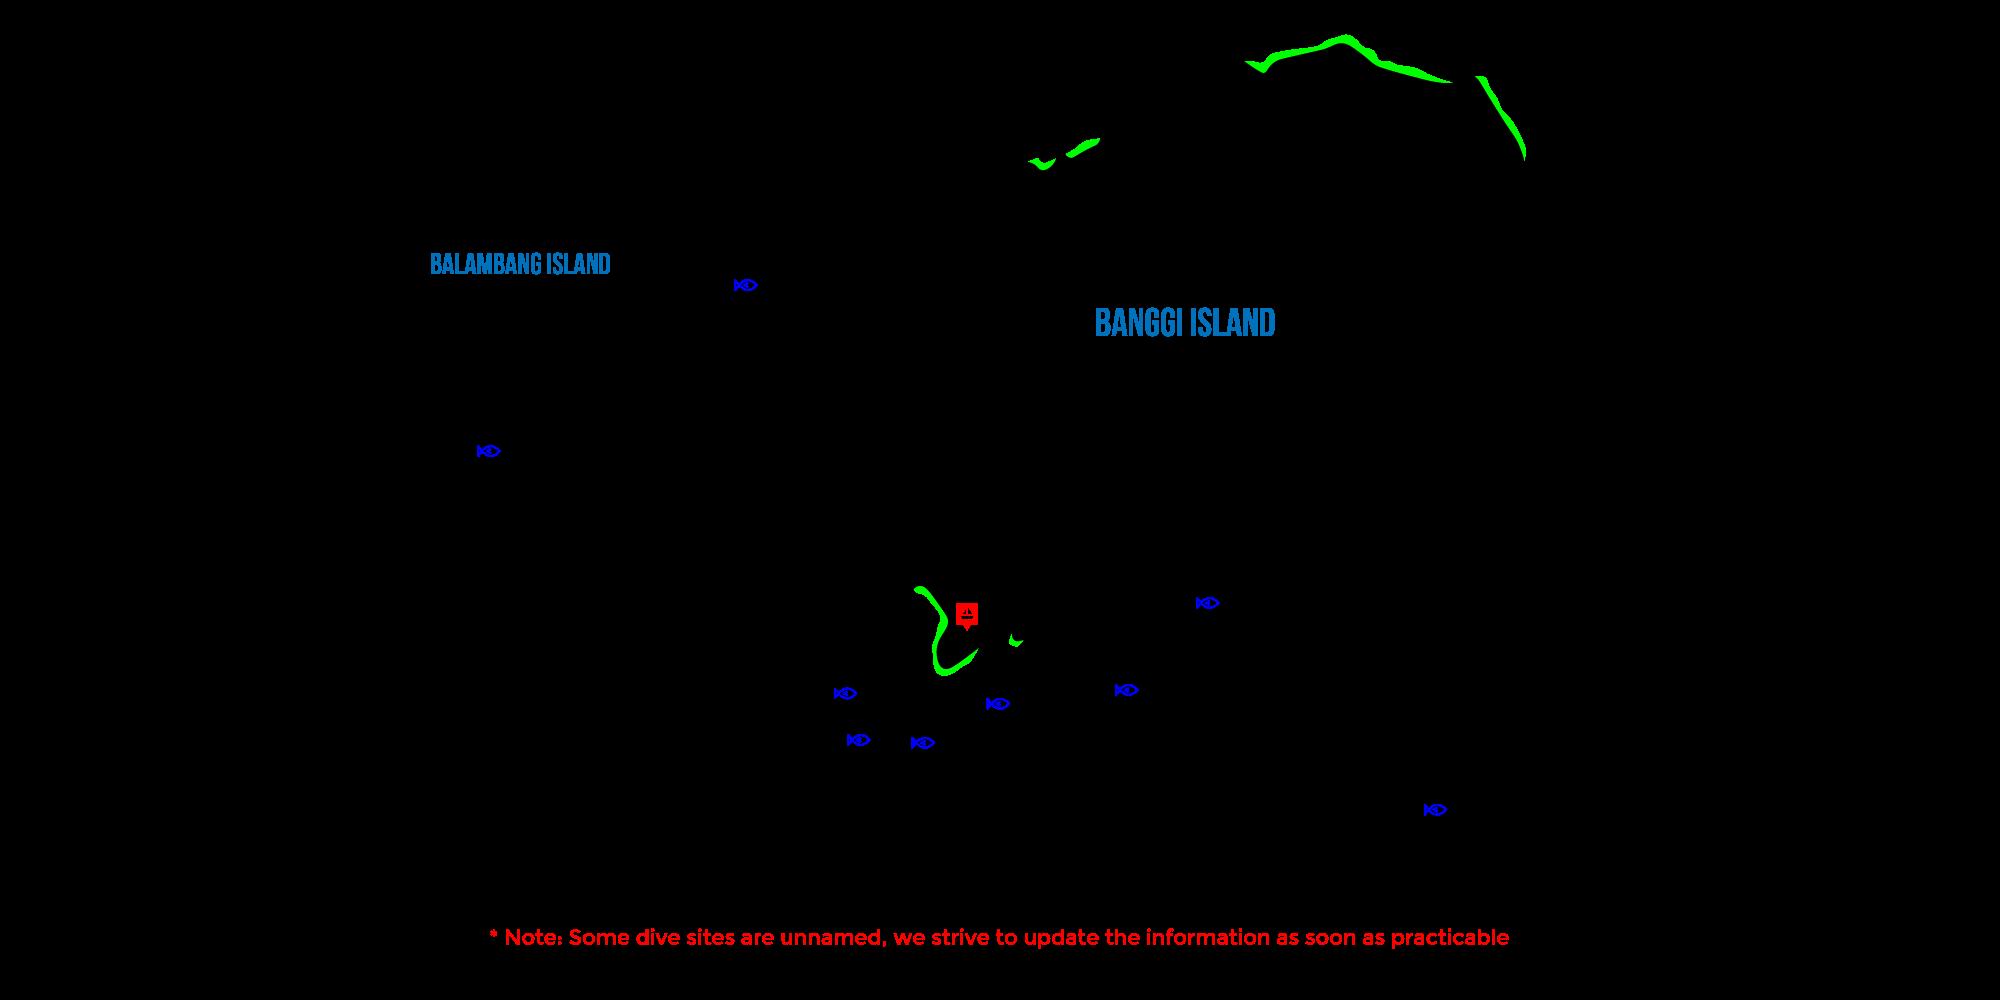 Banggi Island Map